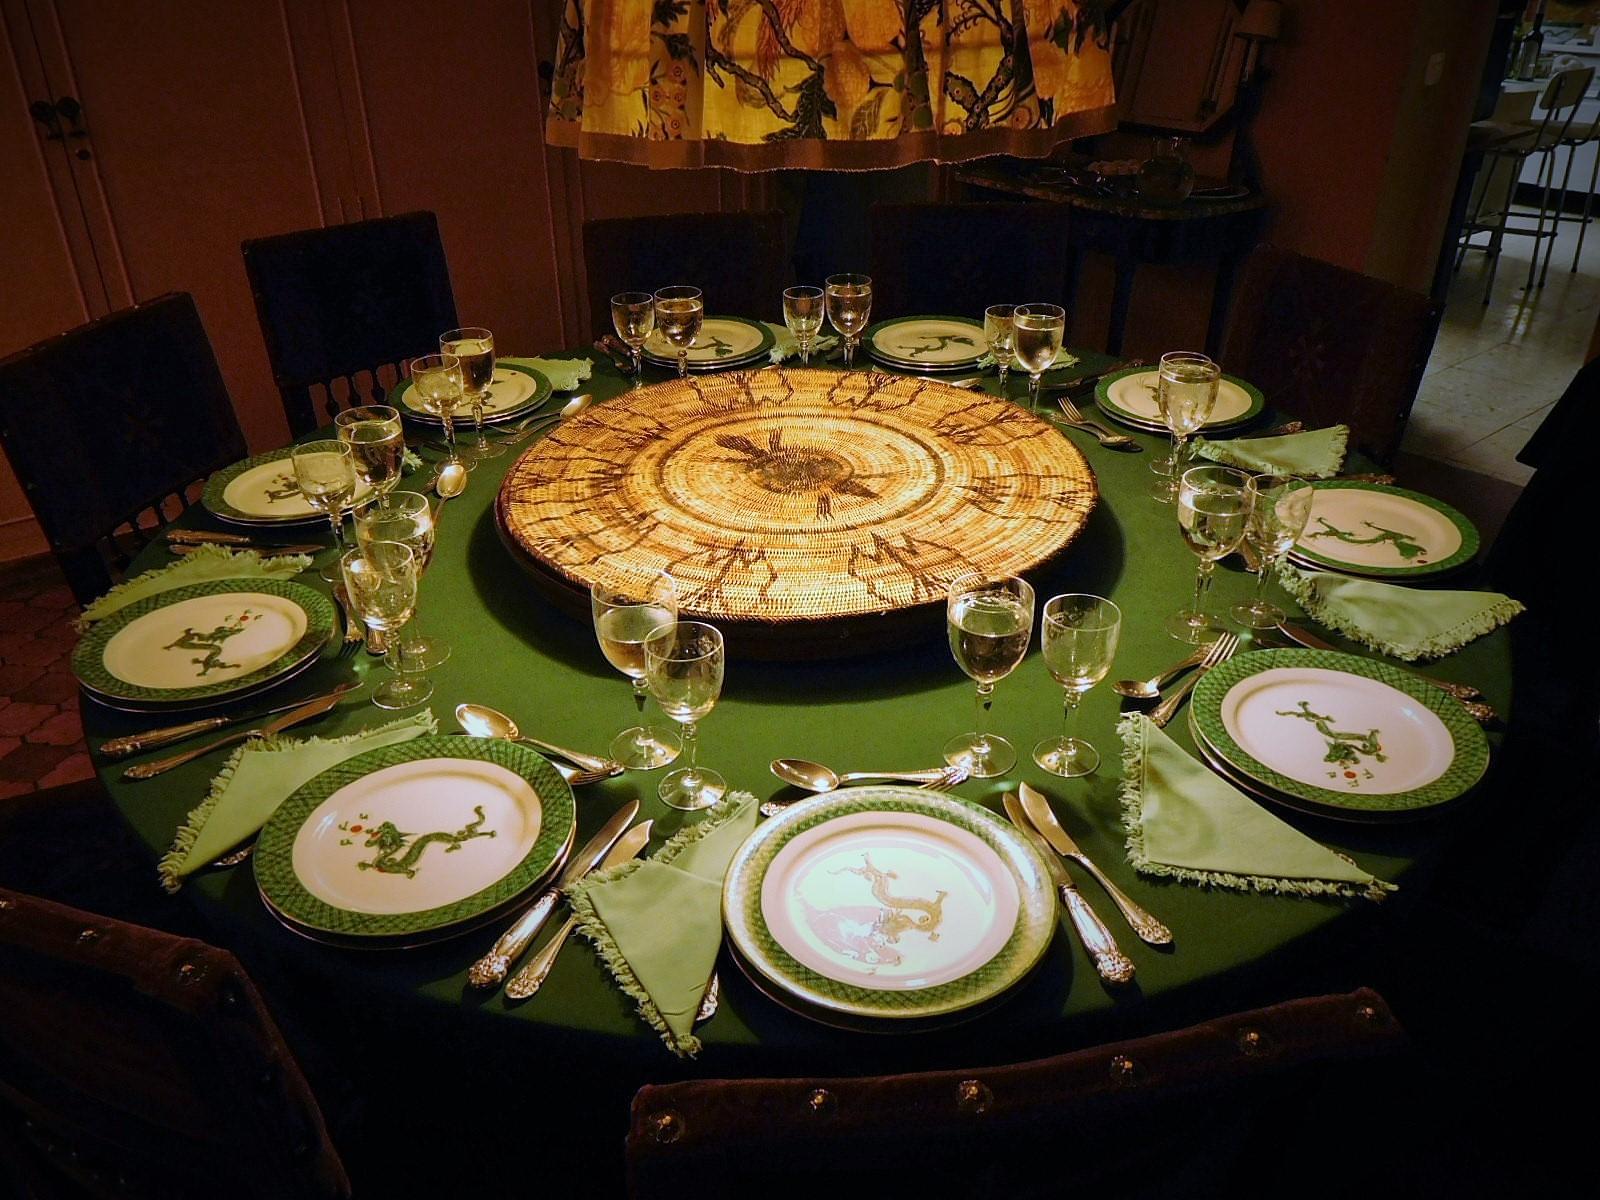 クリスマスディナー2015_c0213220_4104660.jpg